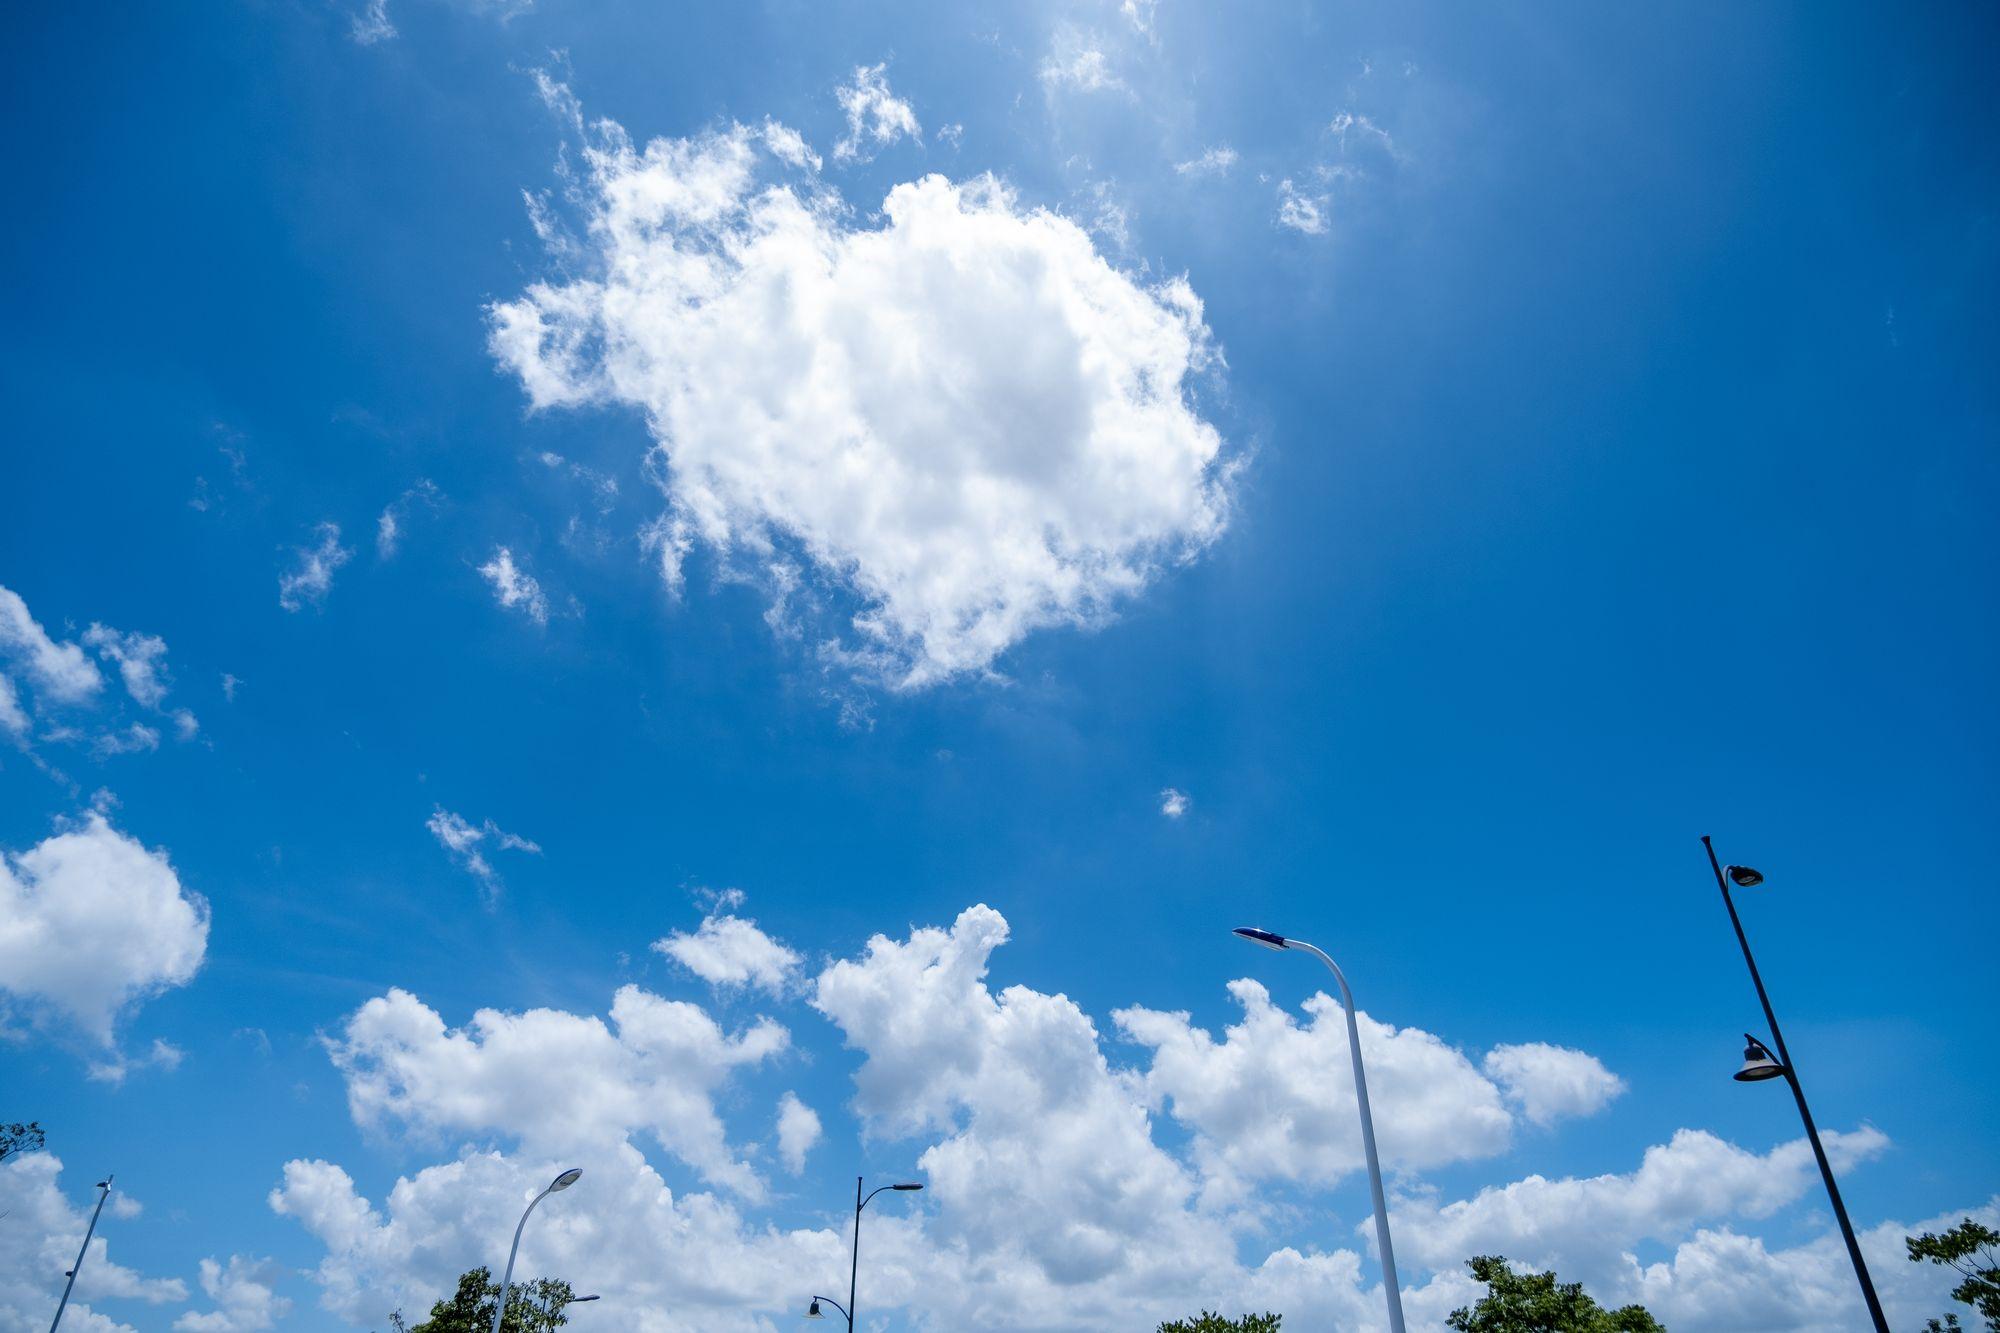 马路上空的蓝天背景照片 - 免费正版图库